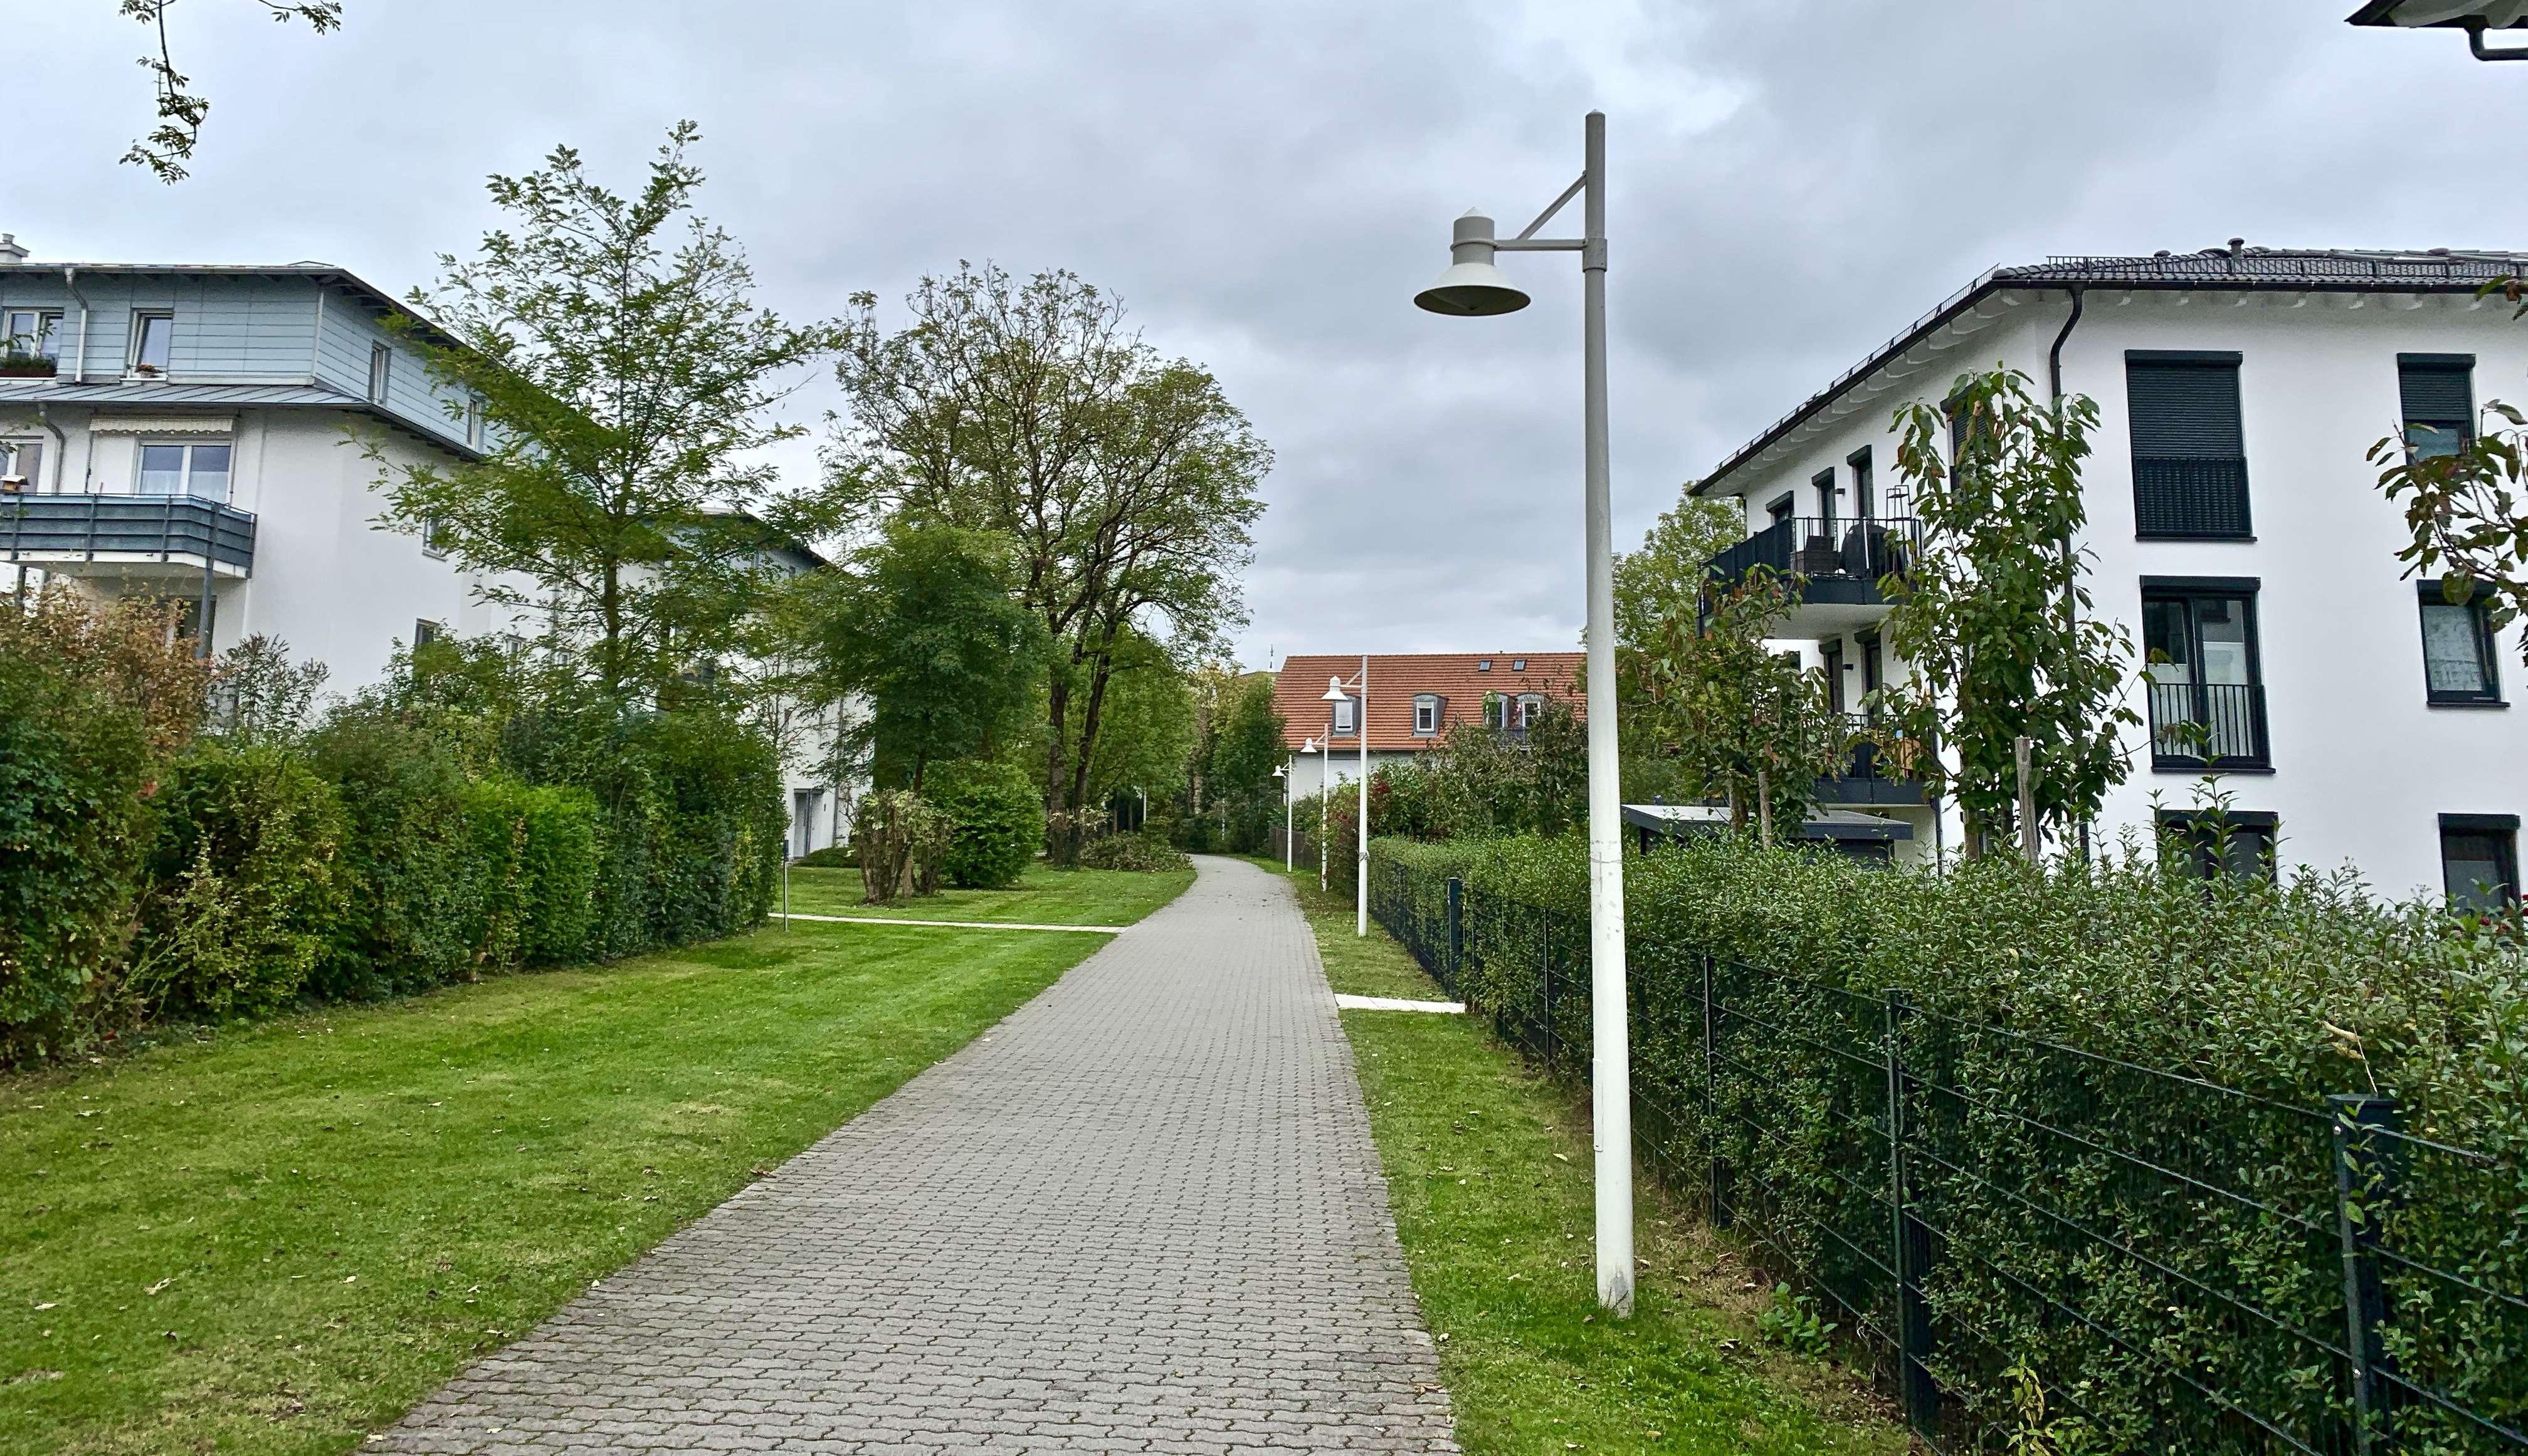 Helle 1,5-Zimmer-Wohnung mit sonnigem Südbalkon und EBK in Pasing. Teilmöbliert. in Pasing (München)